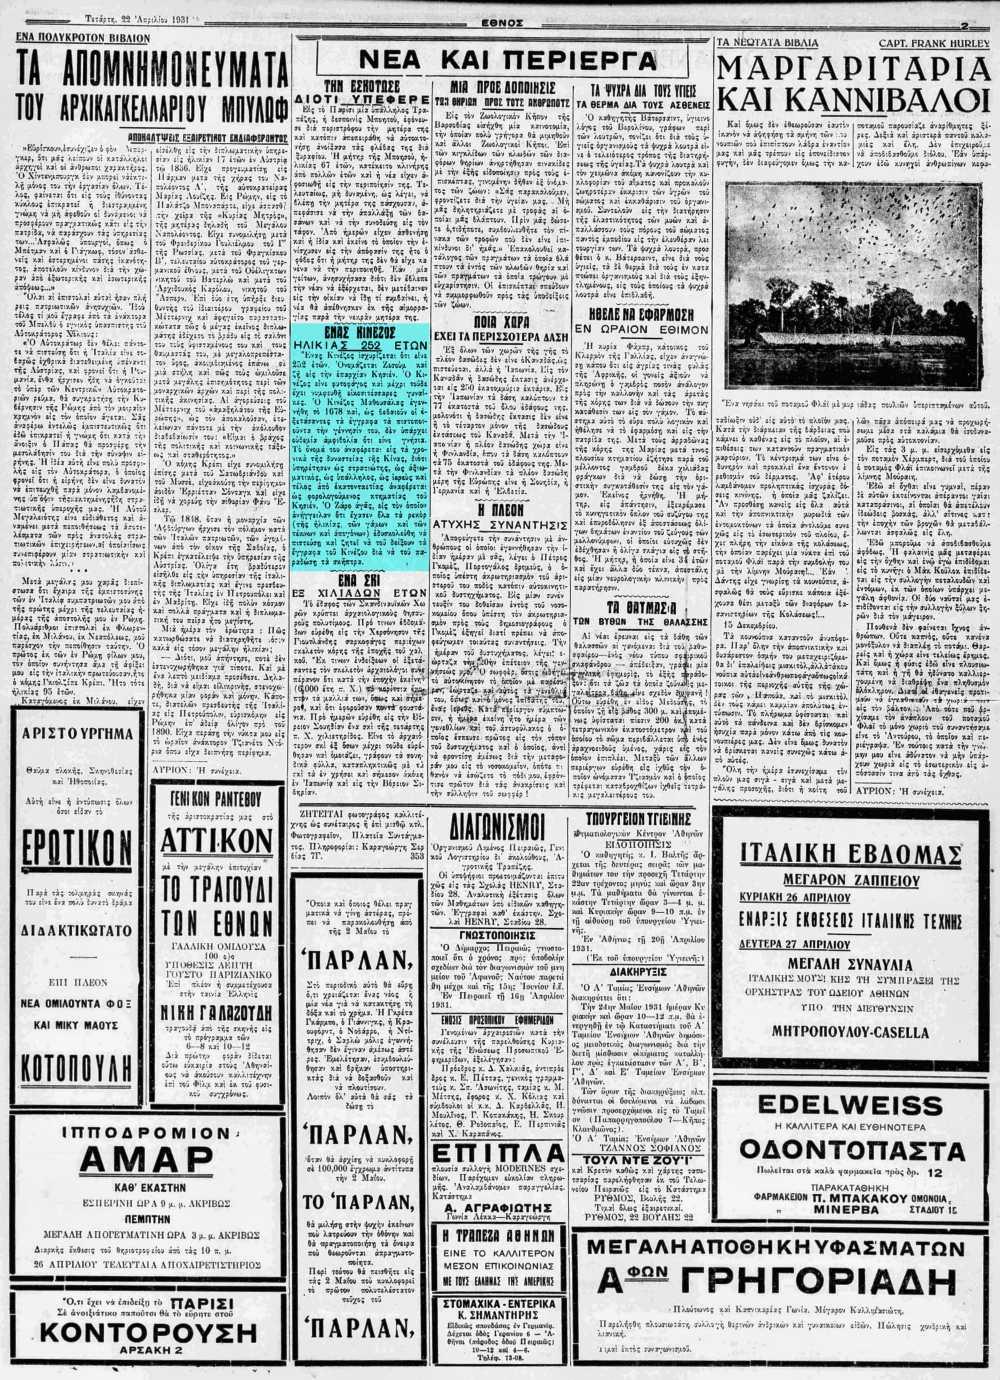 """Το άρθρο, όπως δημοσιεύθηκε στην εφημερίδα """"ΕΘΝΟΣ"""", στις 22/04/1931"""